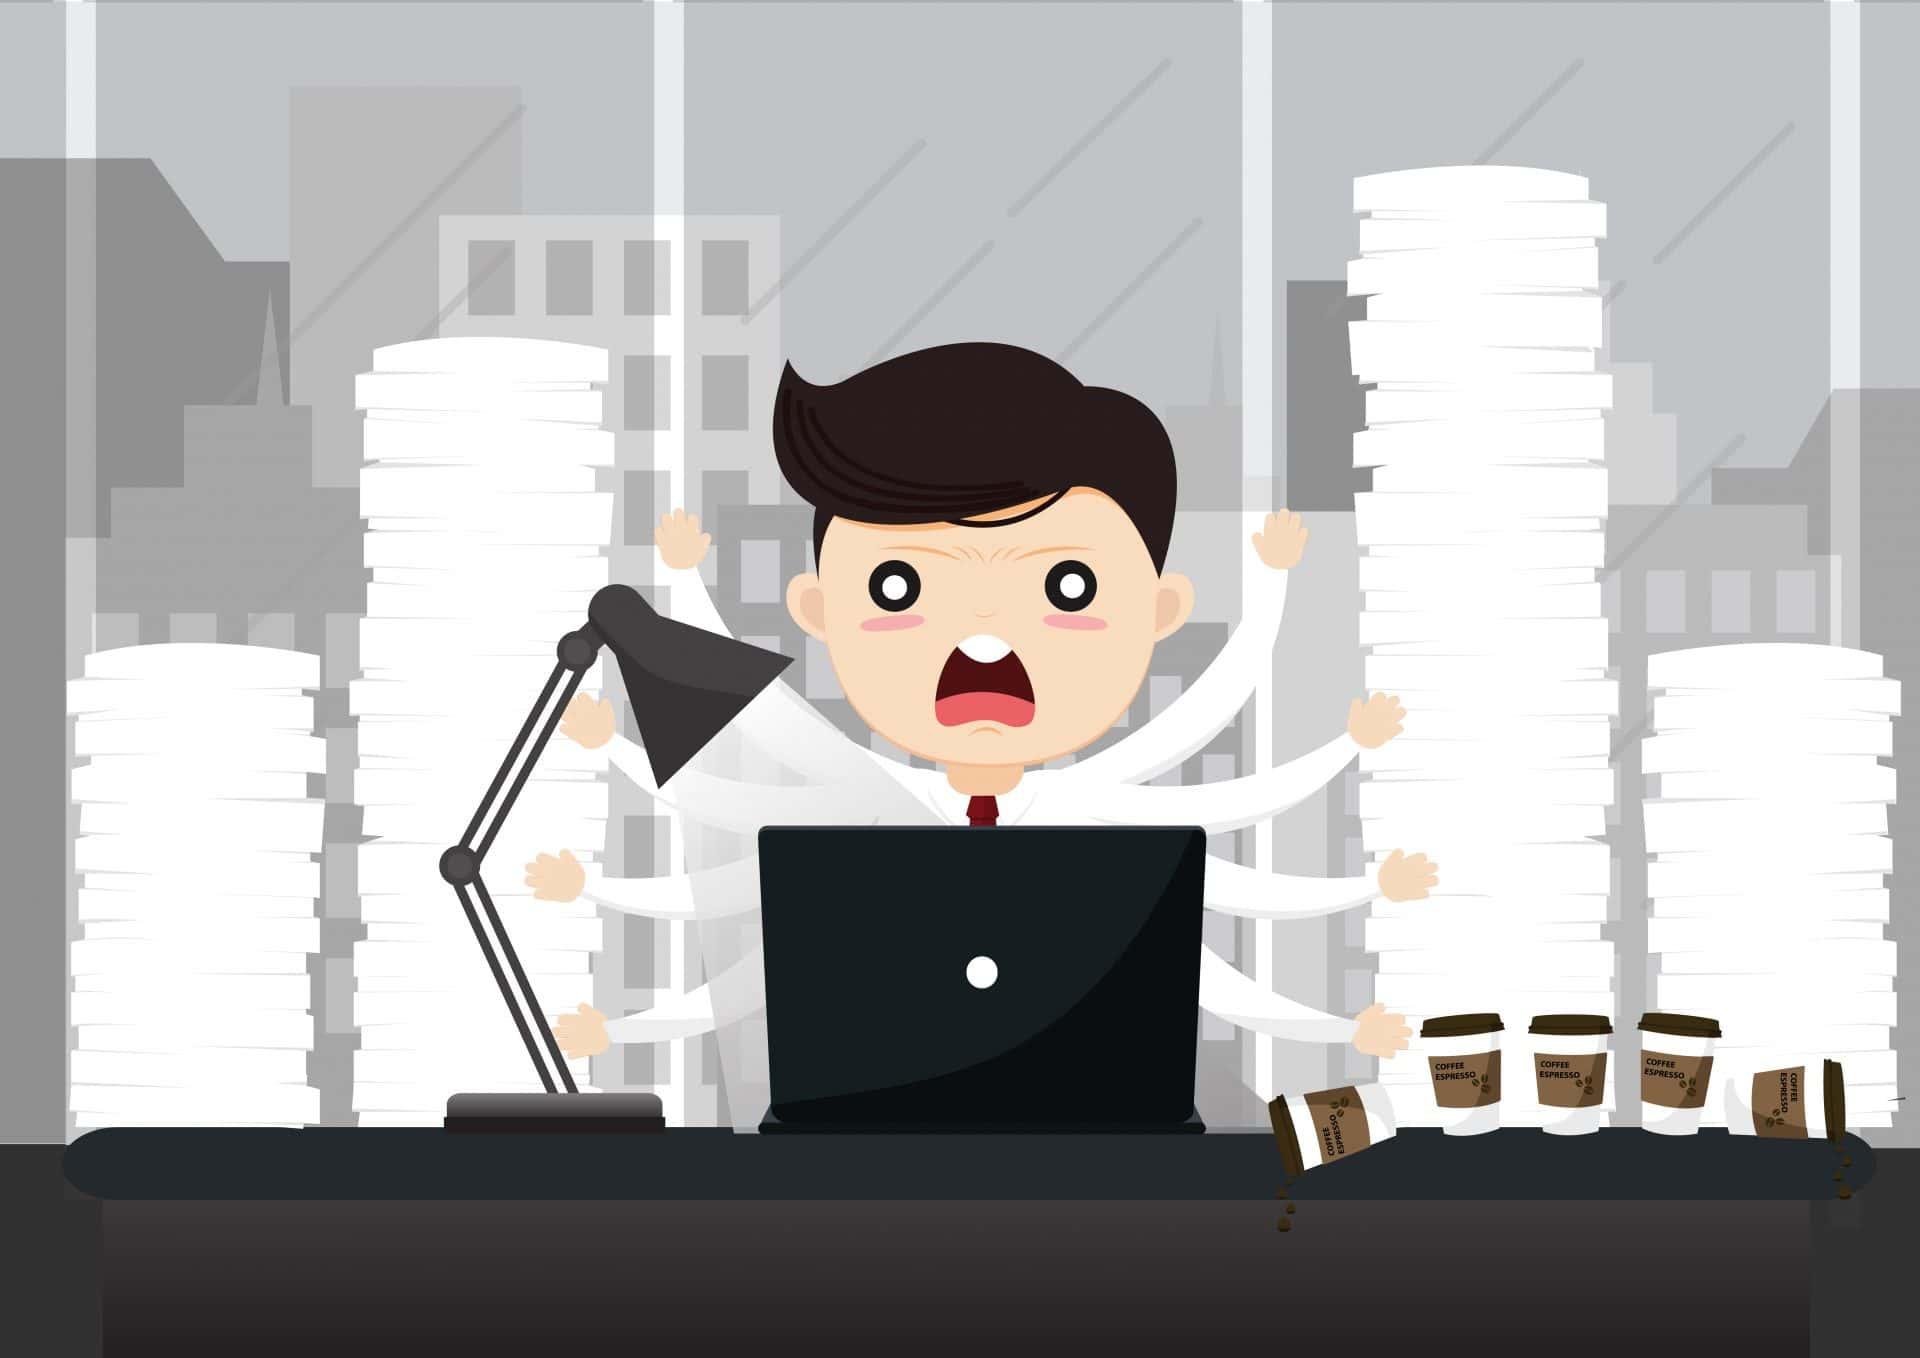 Bagaimana cara berdagang Valas dengan lancar ketika pekerjaan Anda memiliki banyak pekerjaan yang harus diselesaikan setiap hari